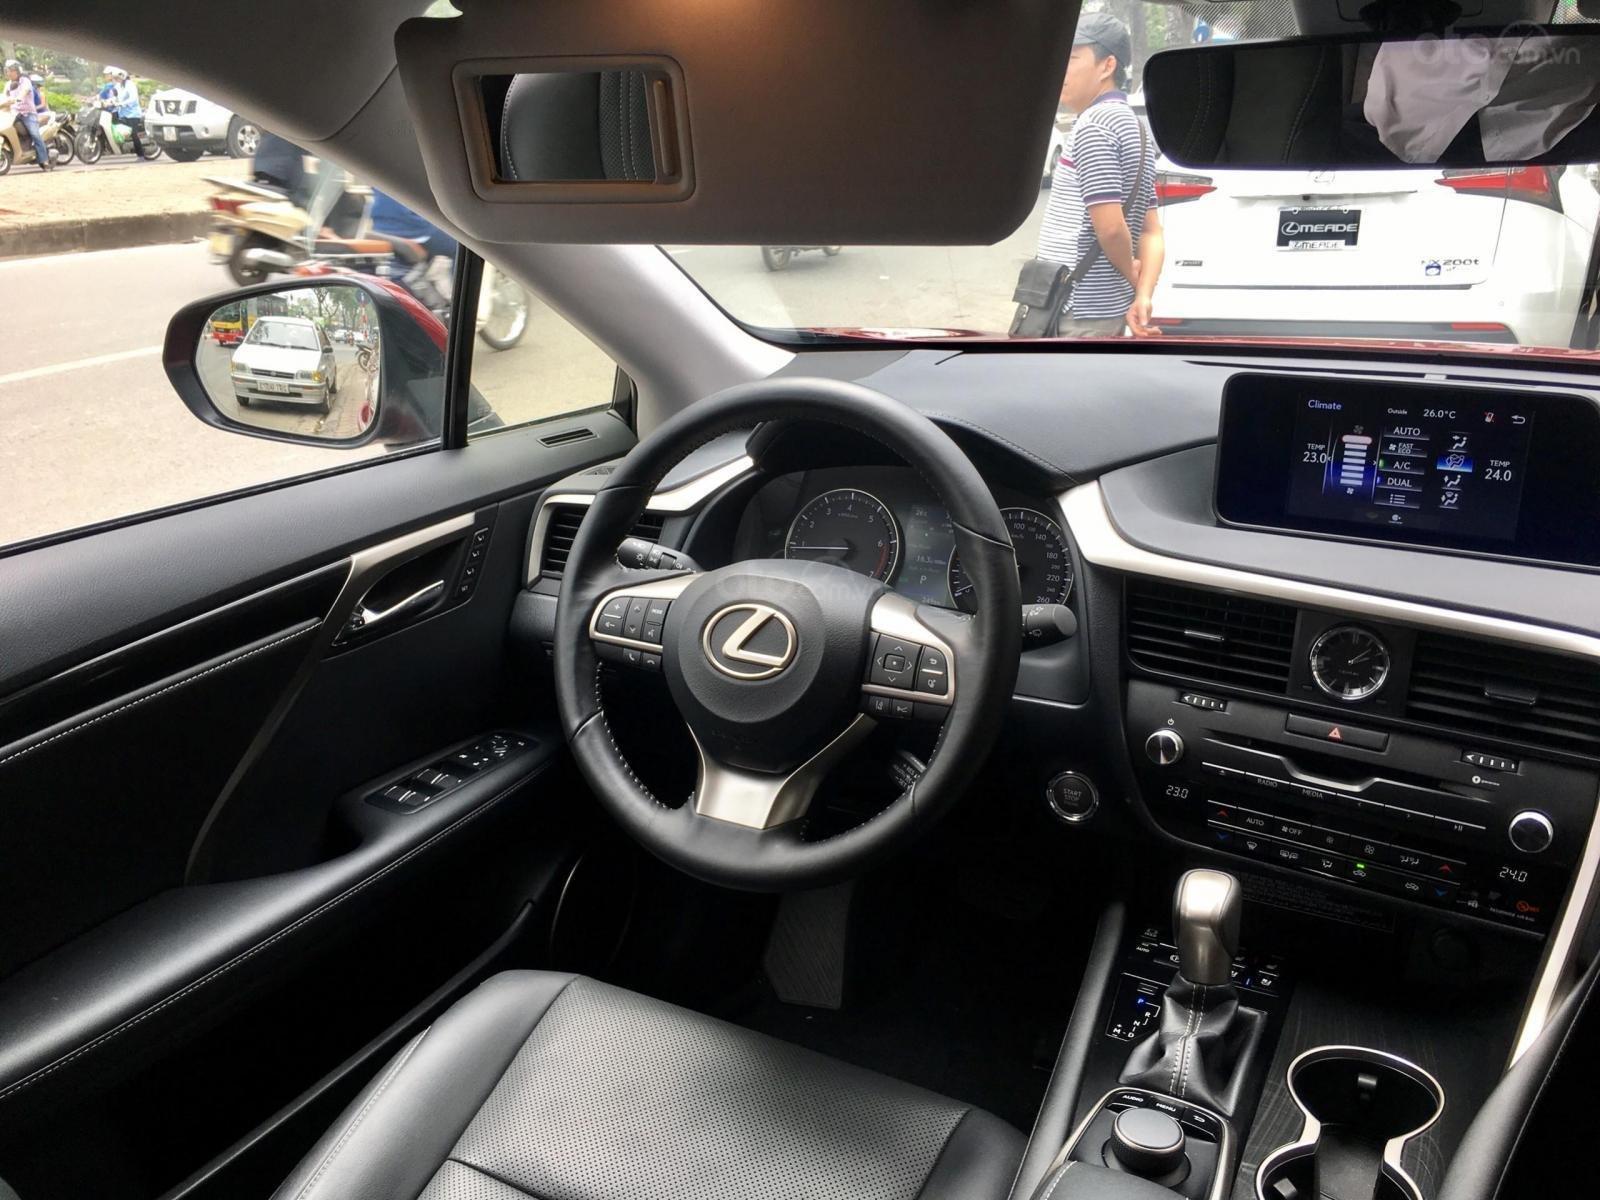 MT Auto bán xe Lexus RX 200t sx 2016, màu đỏ mới 100% giá cực rẻ, hỗ trợ 2 tỷ, LH em Hương 0945392468-13